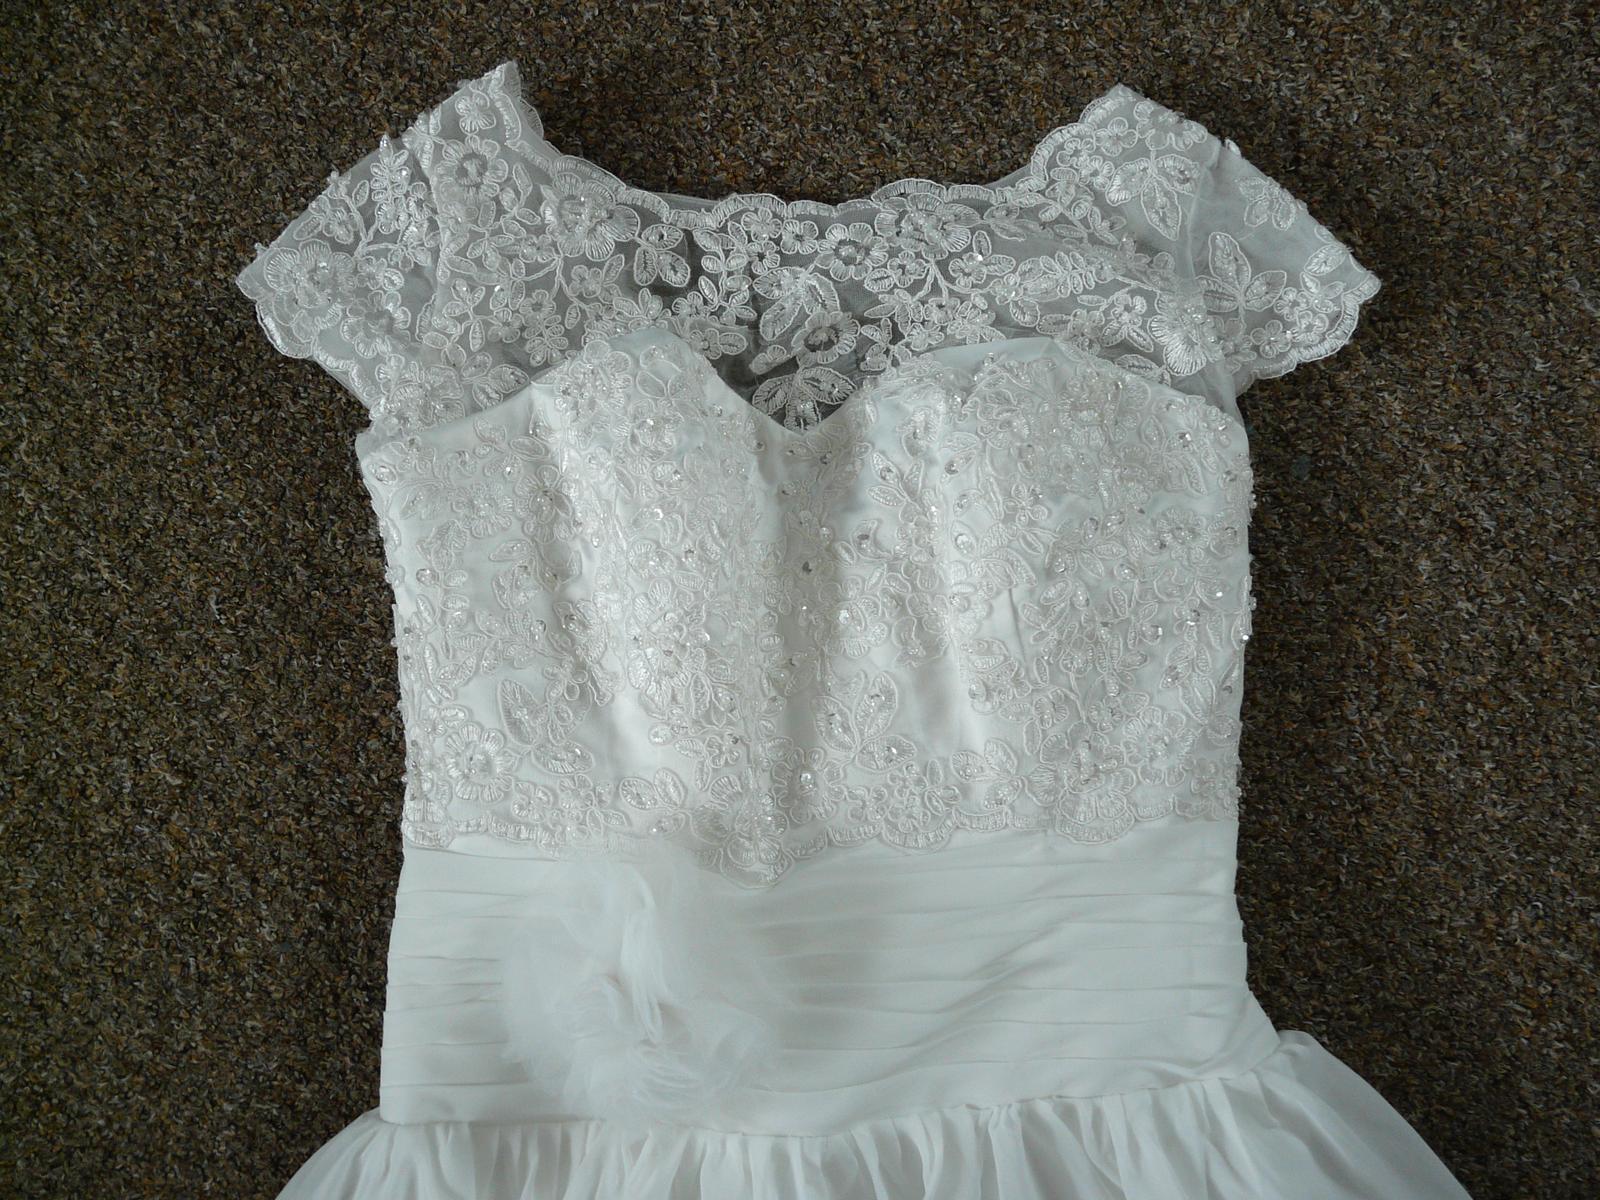 Ivory krátké svatební šaty, různé velikosti, reáln - Obrázek č. 2